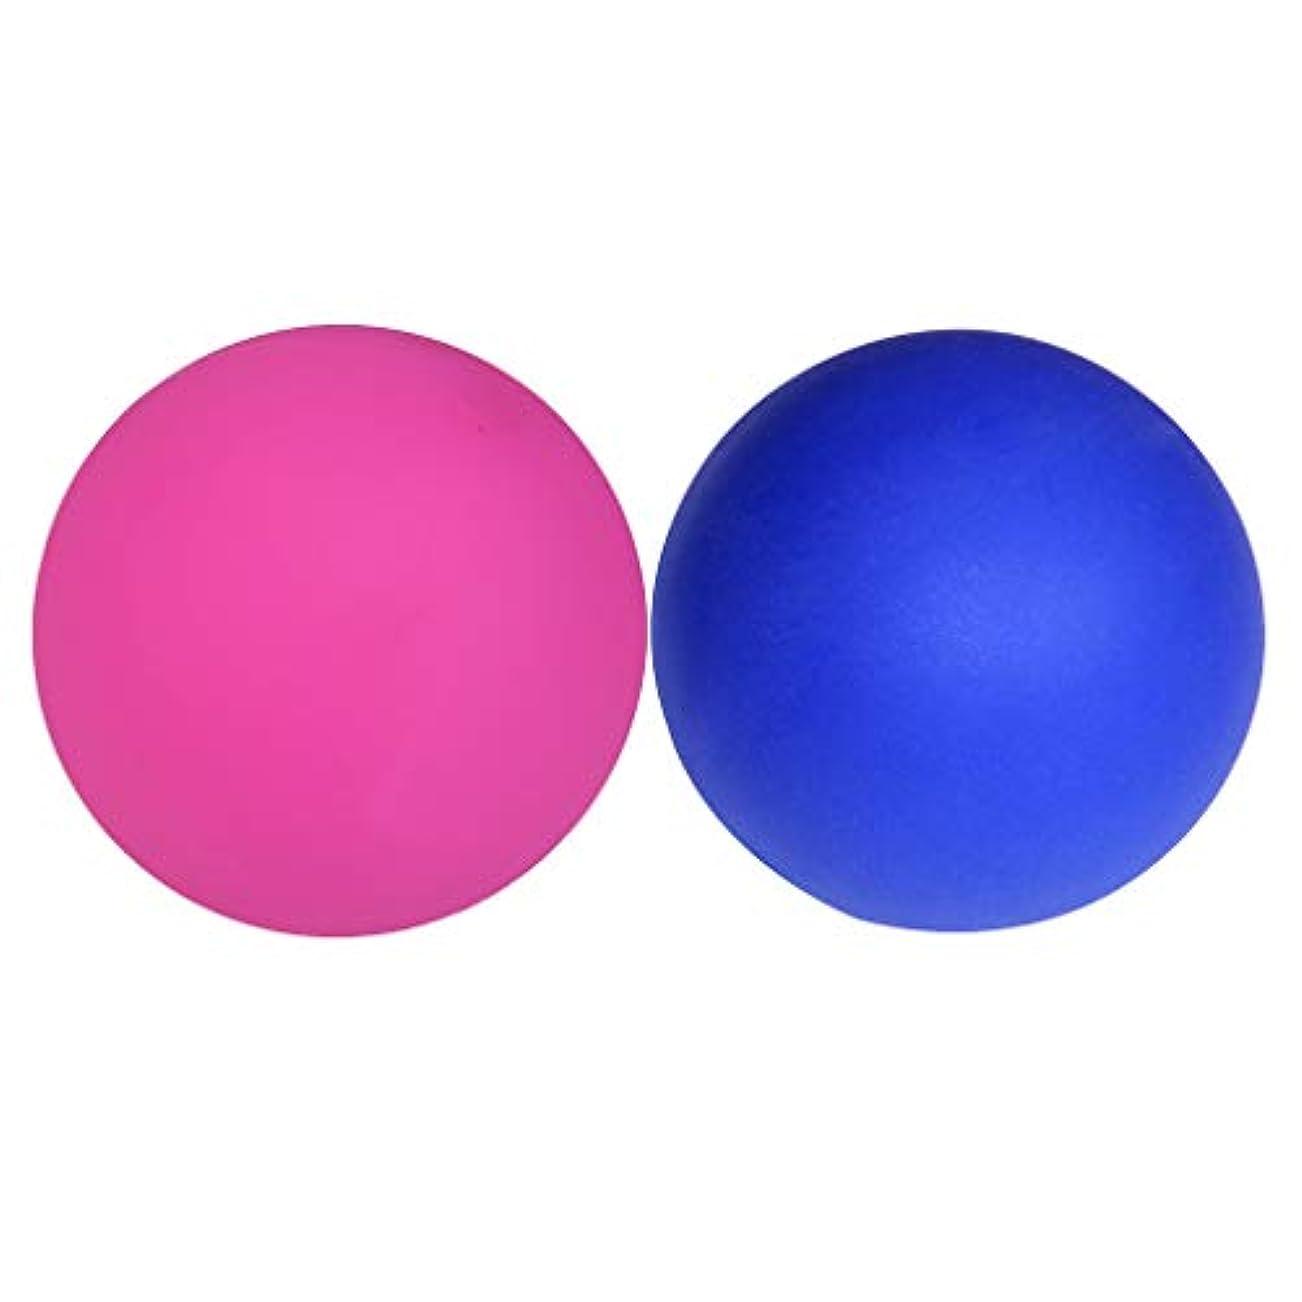 顔料半円投げ捨てるsharprepublic 筋膜の容易さボディトリガーポイントマッサージのための2個のマッサージラクロスボール